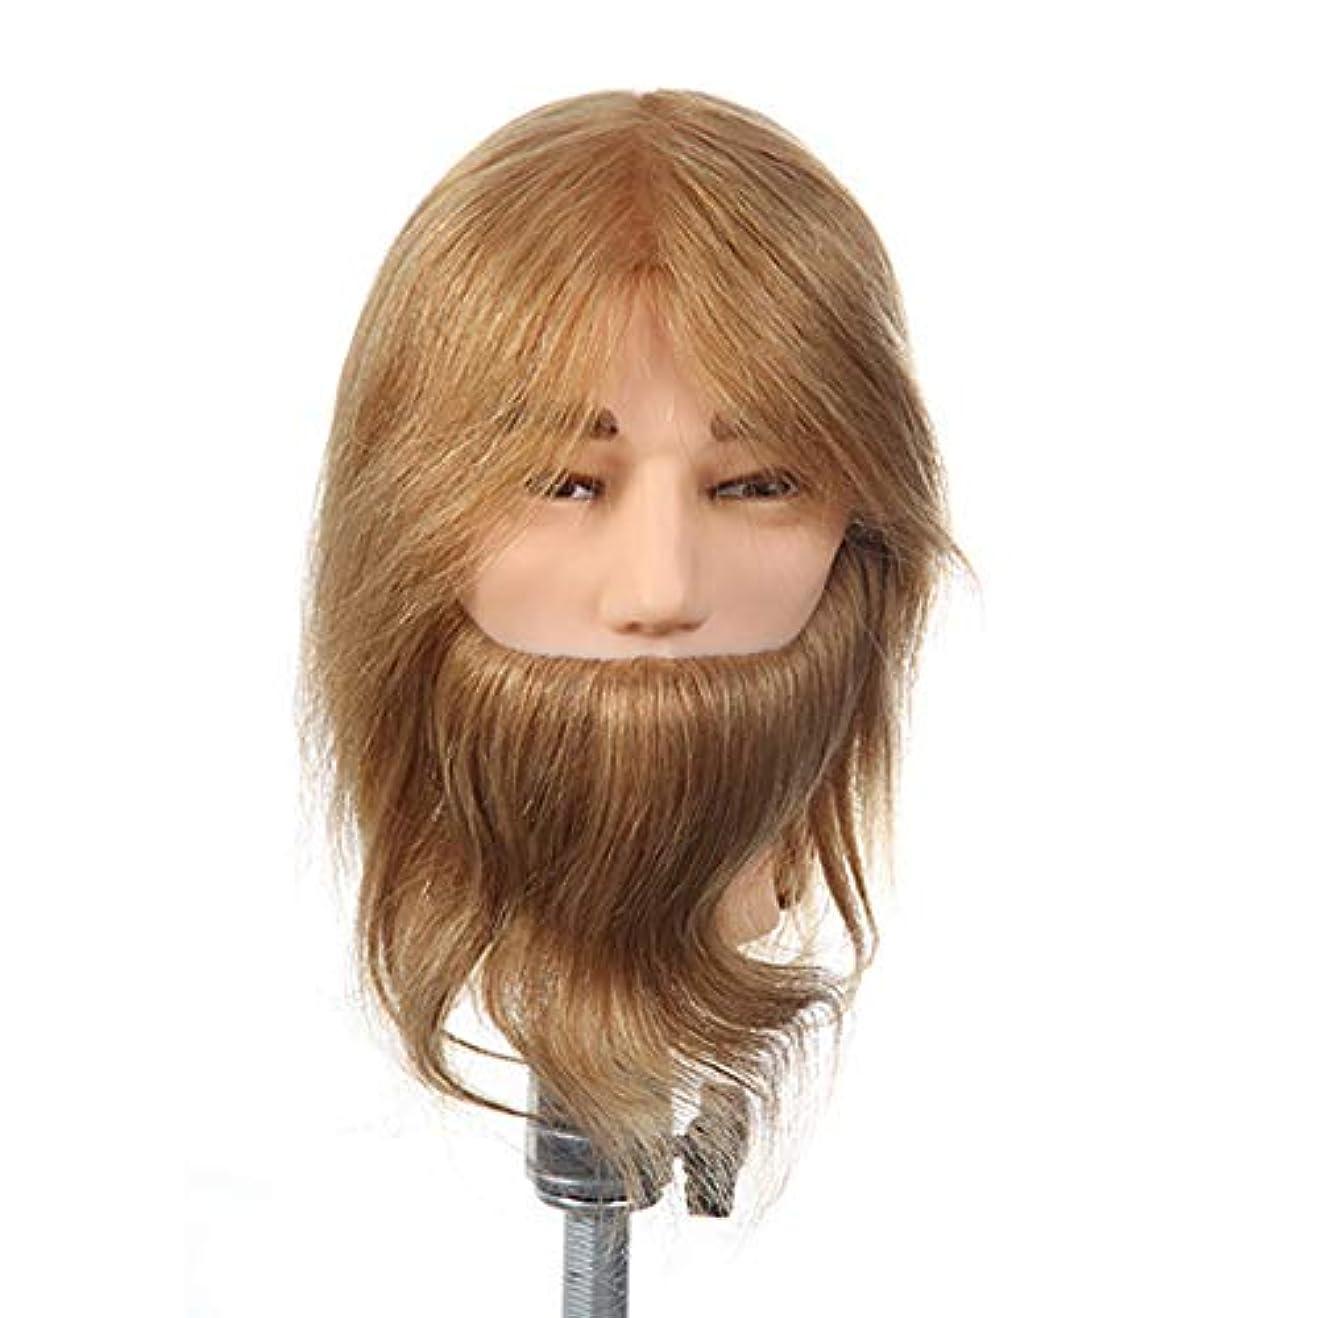 バンク検閲アウターサロン学習パーマ髪染めマネキン男スタイリングかつらティーチングヘッドリアル人間の髪ダミーヘッド付きひげロングヘアゴールド